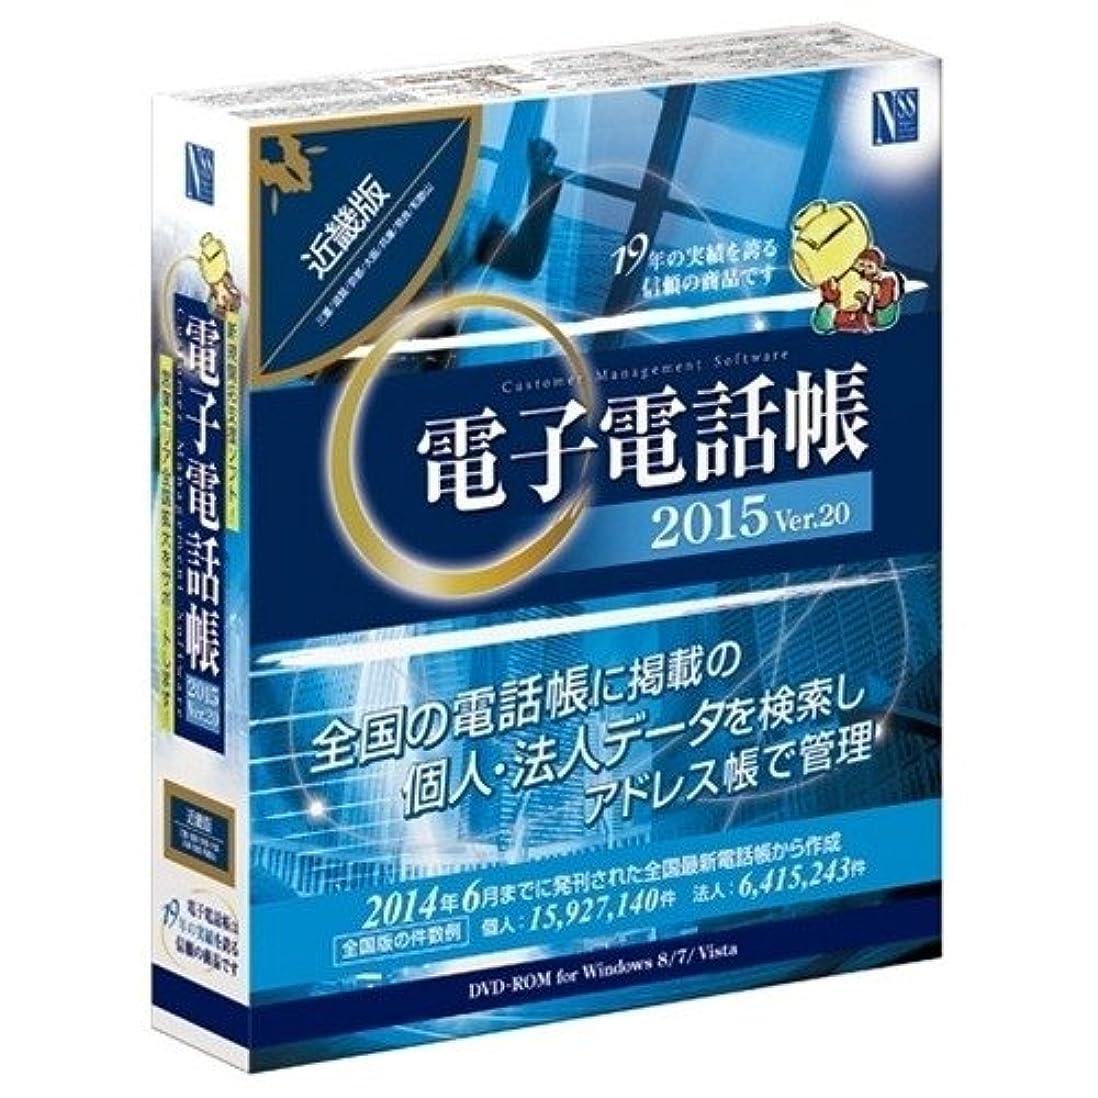 ナイトスポットホイスト再集計日本ソフト販売 電子電話帳2015 Ver.20 近畿版